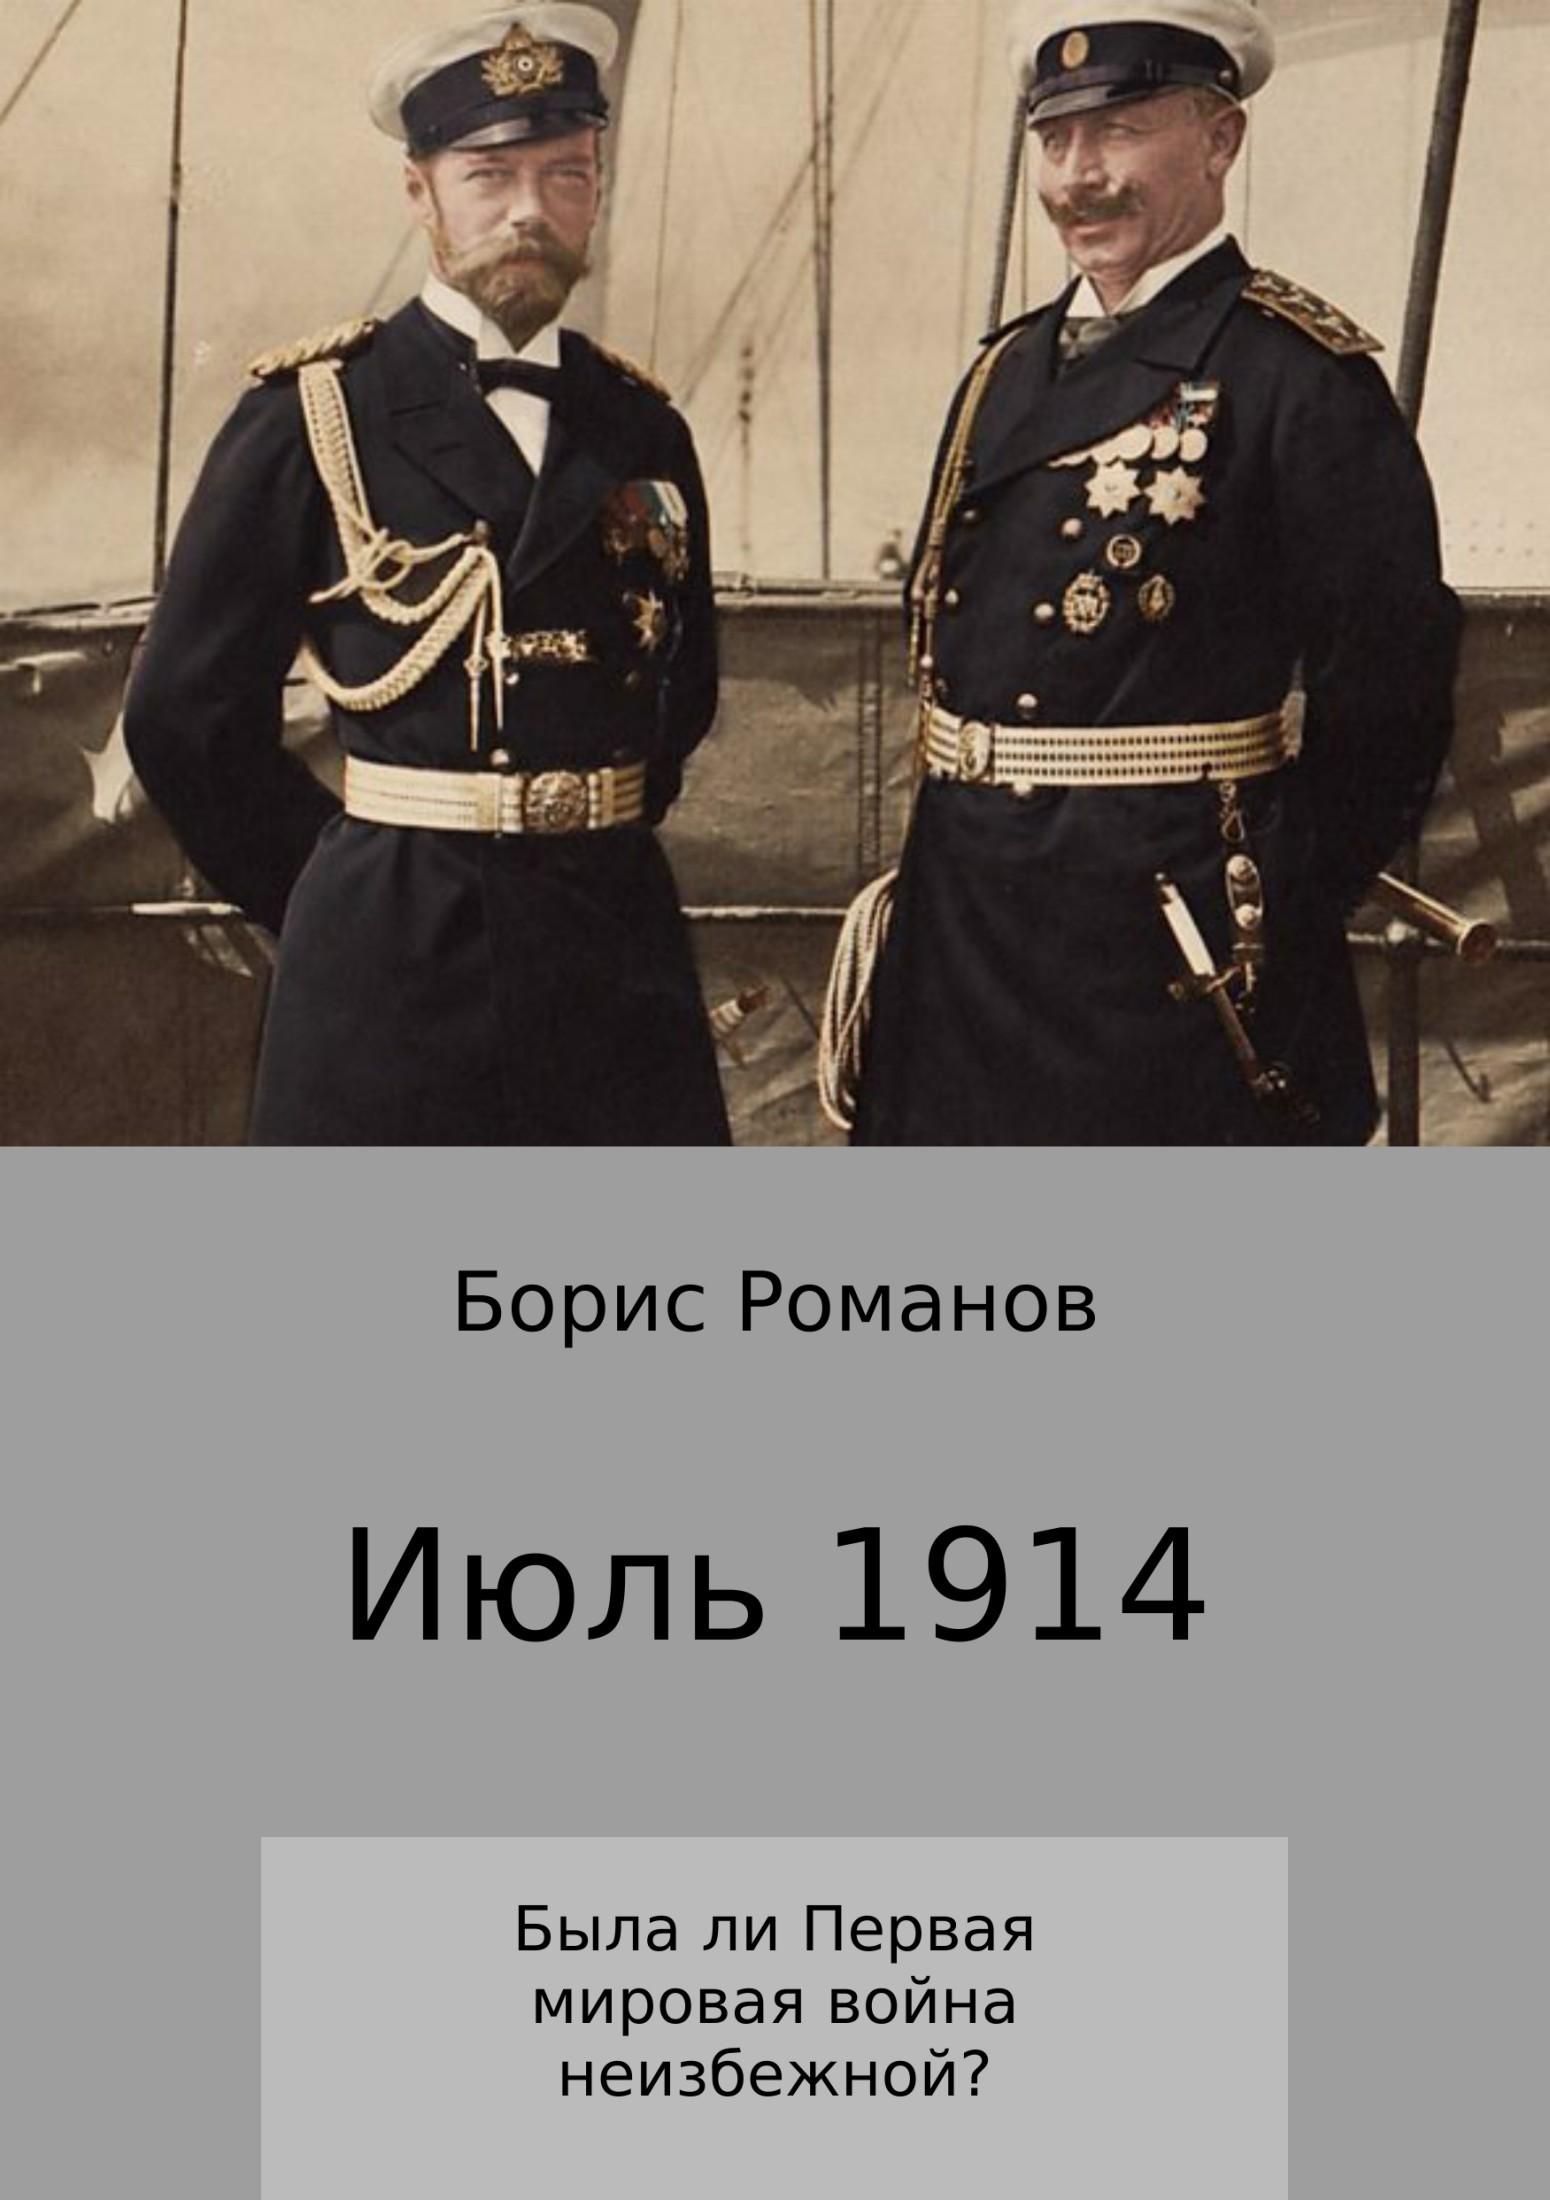 Июль 1914